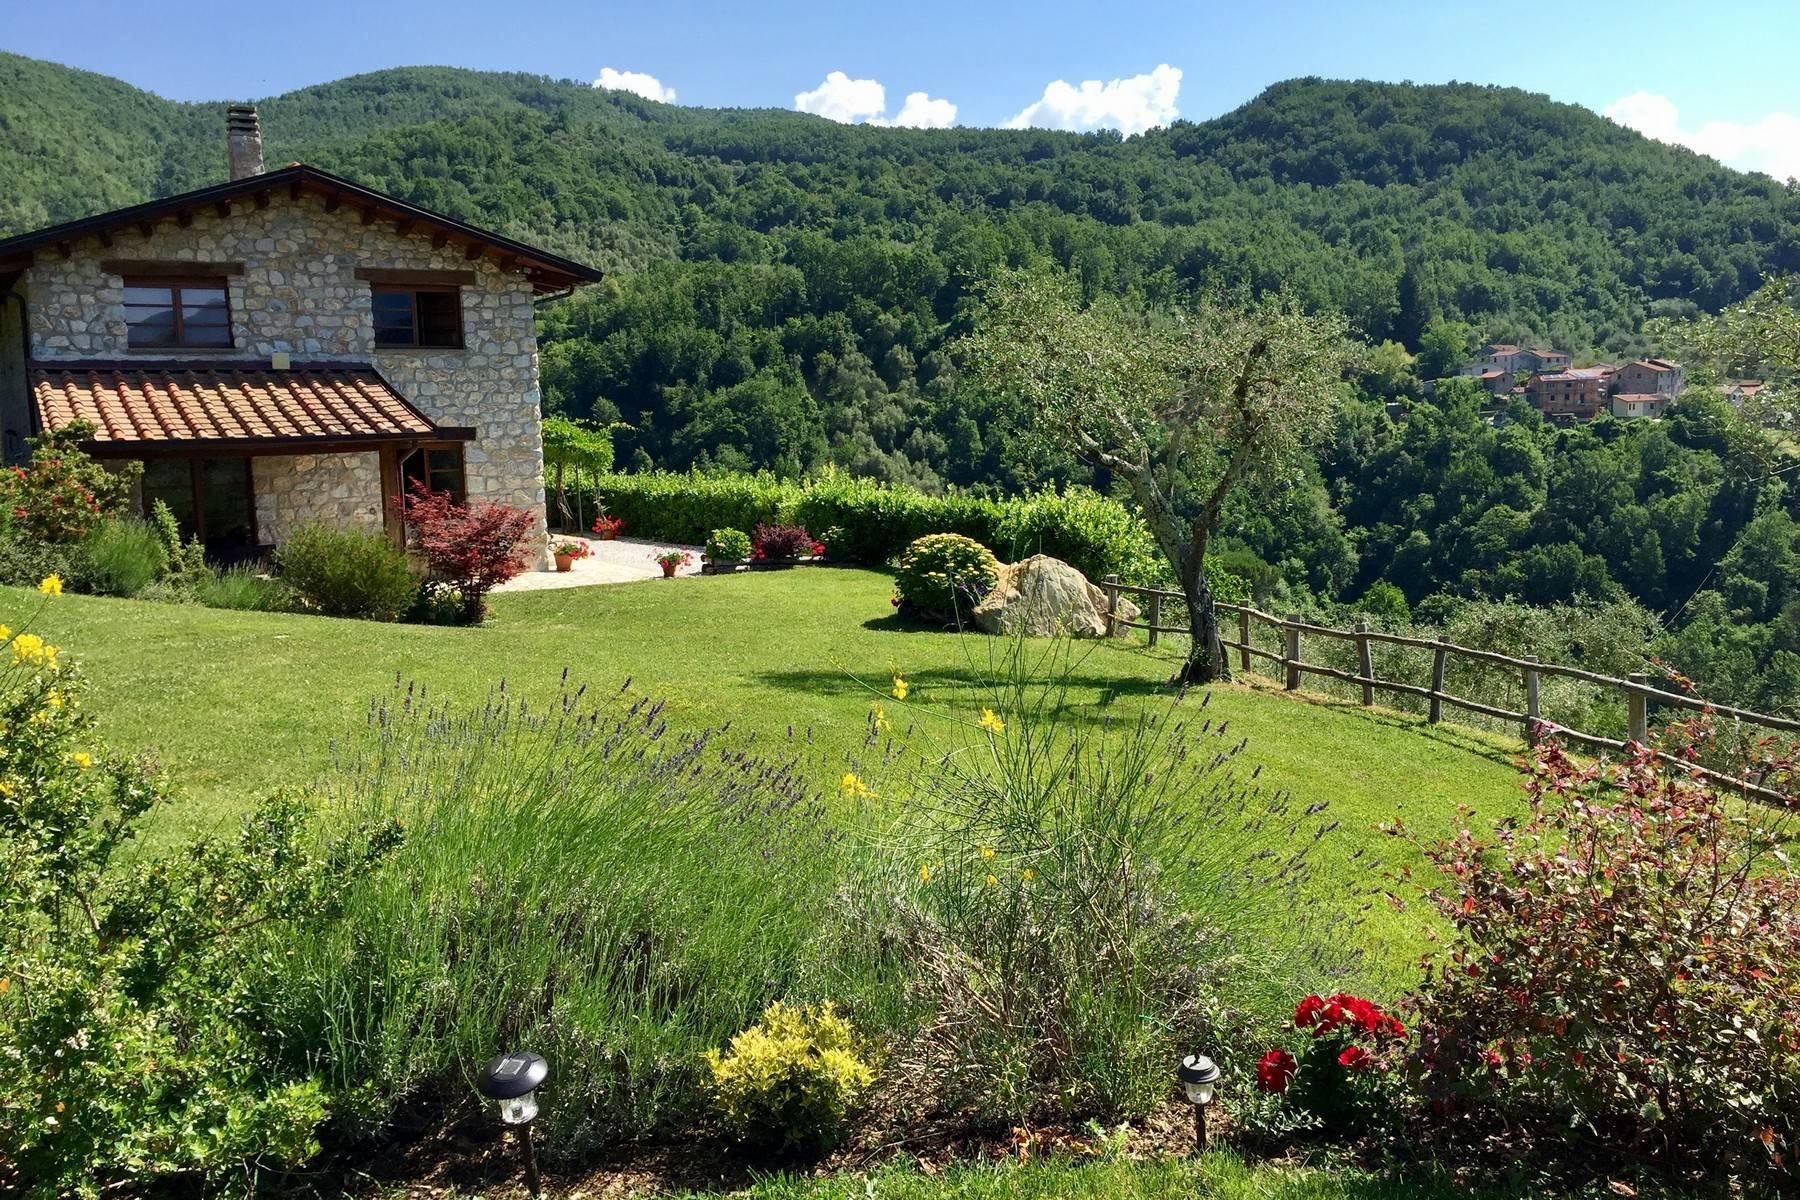 Rustico in Vendita a Fivizzano: 5 locali, 200 mq - Foto 17